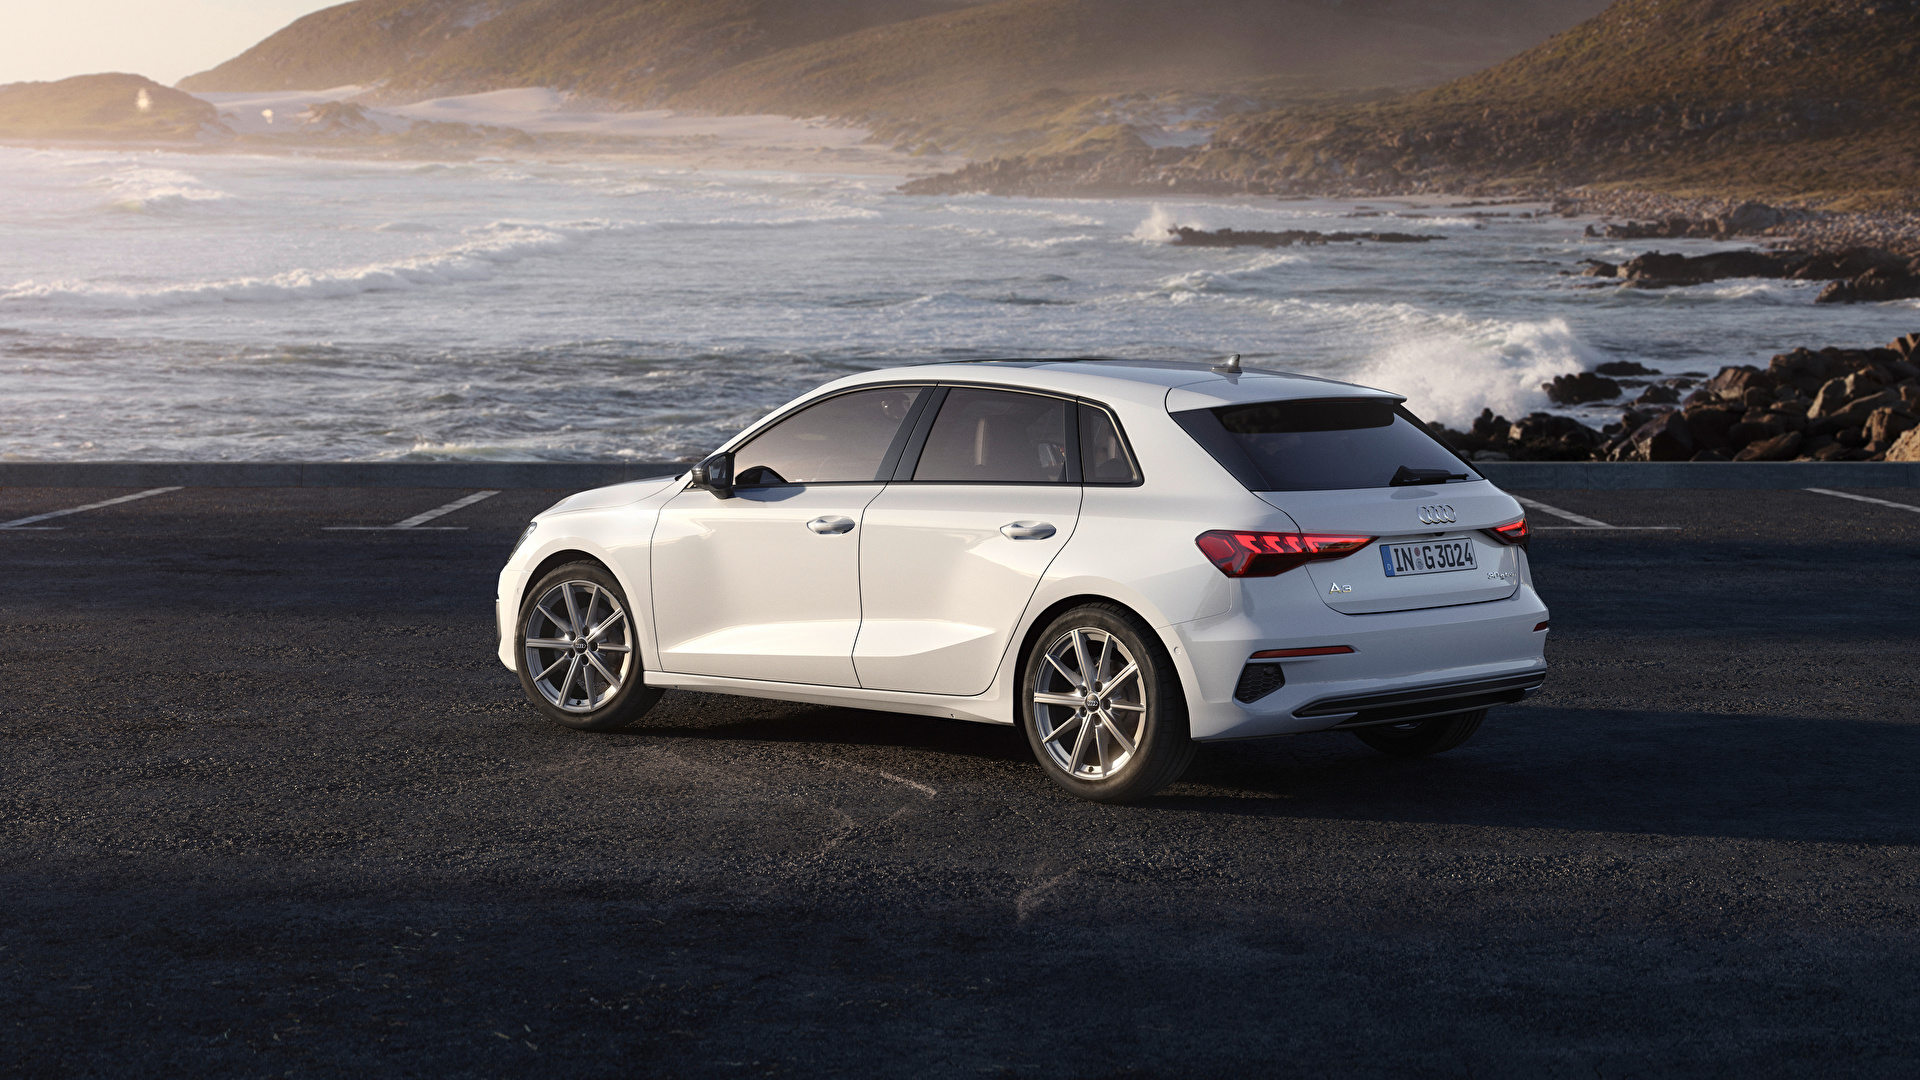 Картинка Audi A3 Sportback 30 g-tron, 2020 Белый Металлик Побережье Автомобили 1920x1080 Ауди белых белые белая авто берег машина машины автомобиль